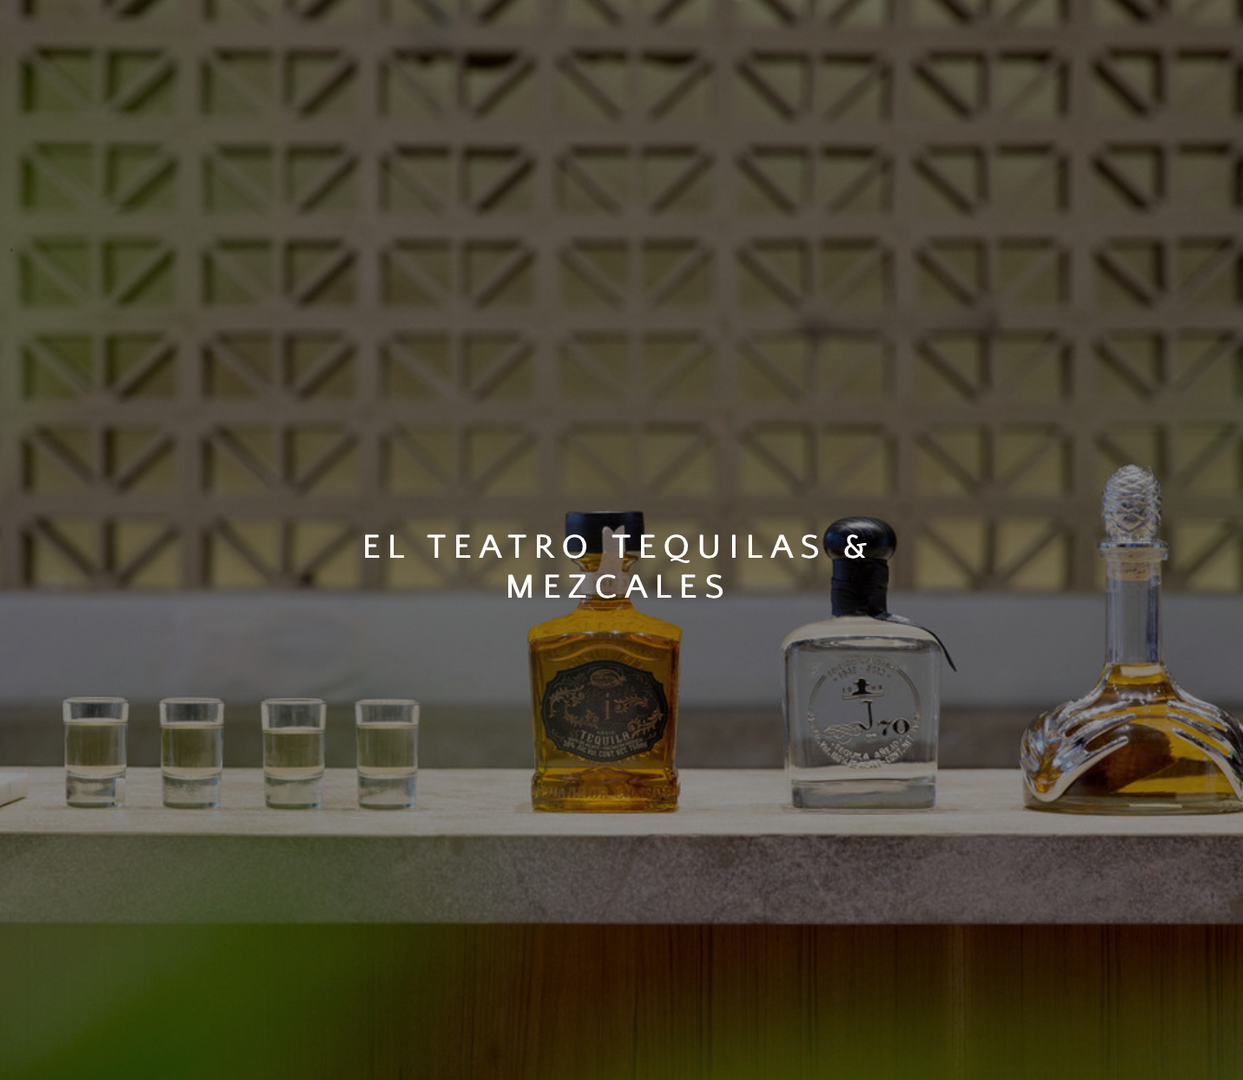 EL TEATRO TEQUILAS & MEZCALES